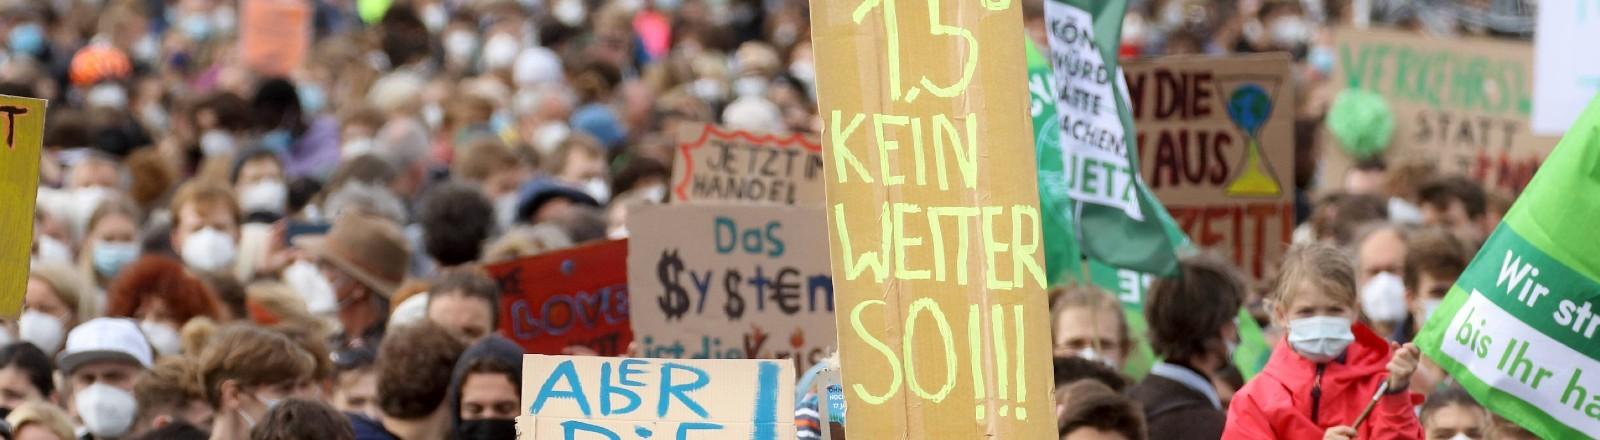 Klimastreik am 24.09.2021 in Berlin.